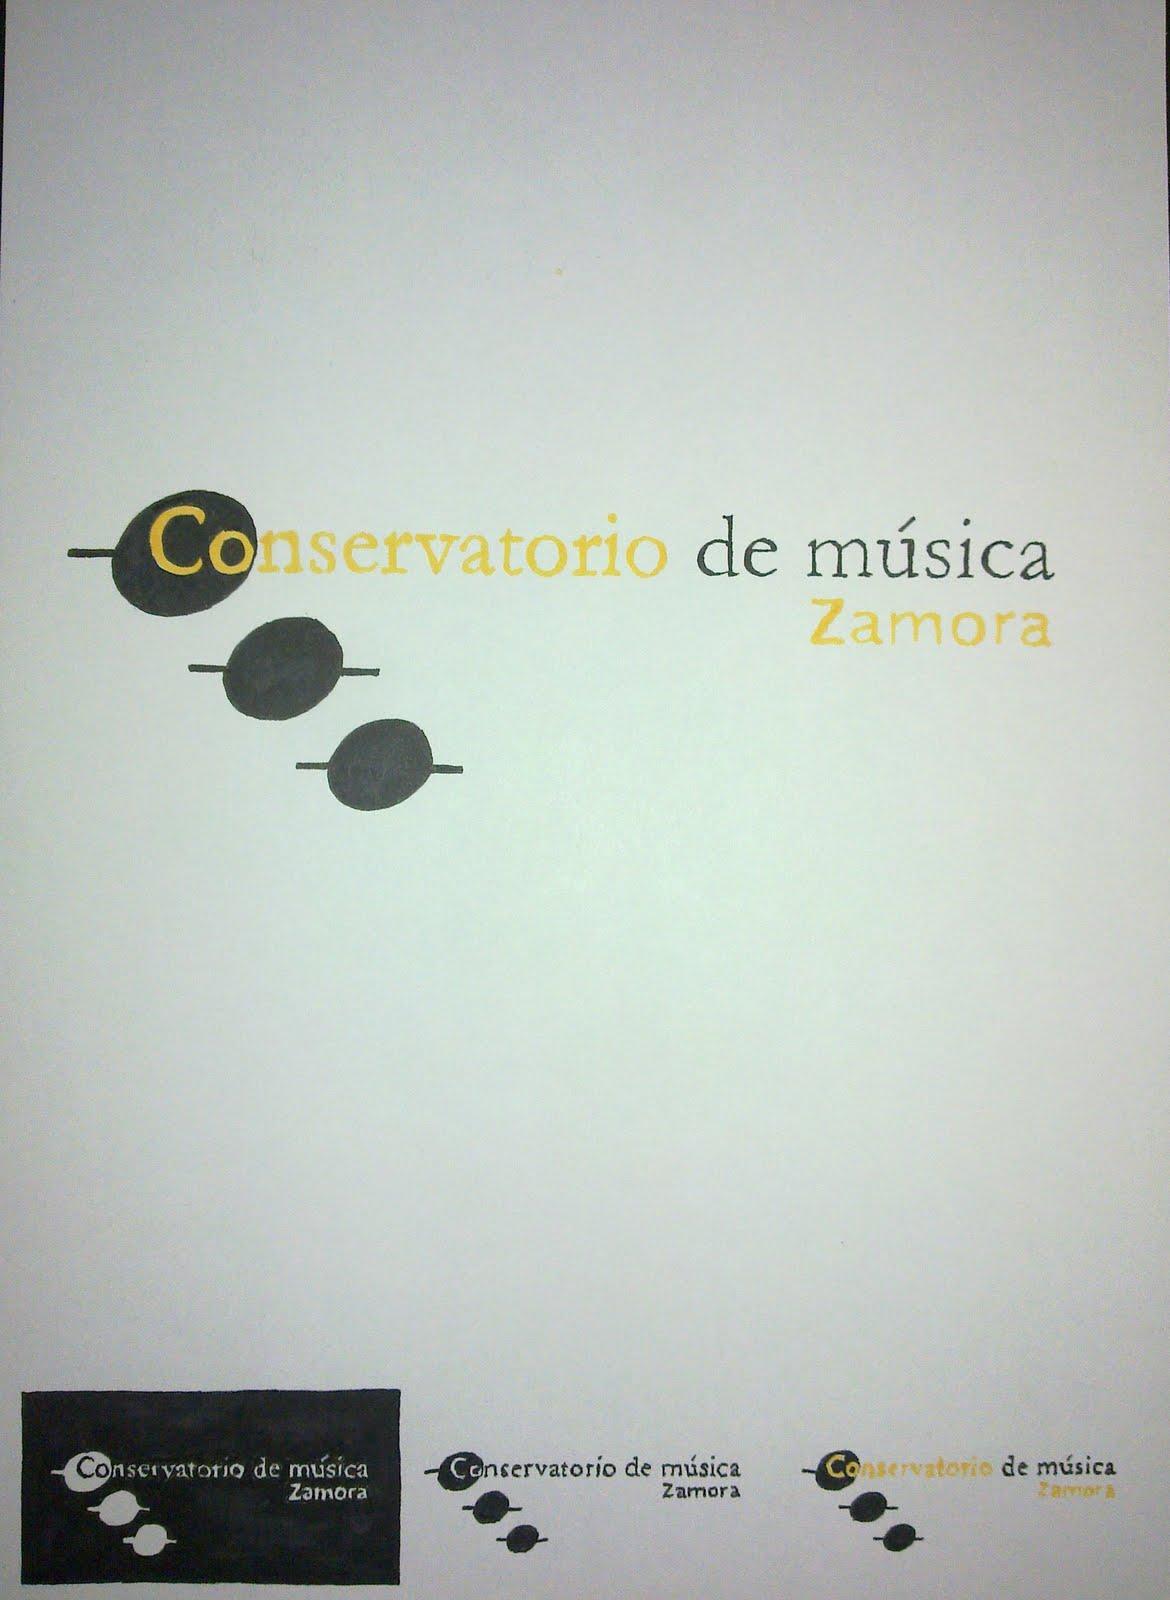 La esquina del dise o logo conservatorio de musica de zamora for Conservatorio de musica